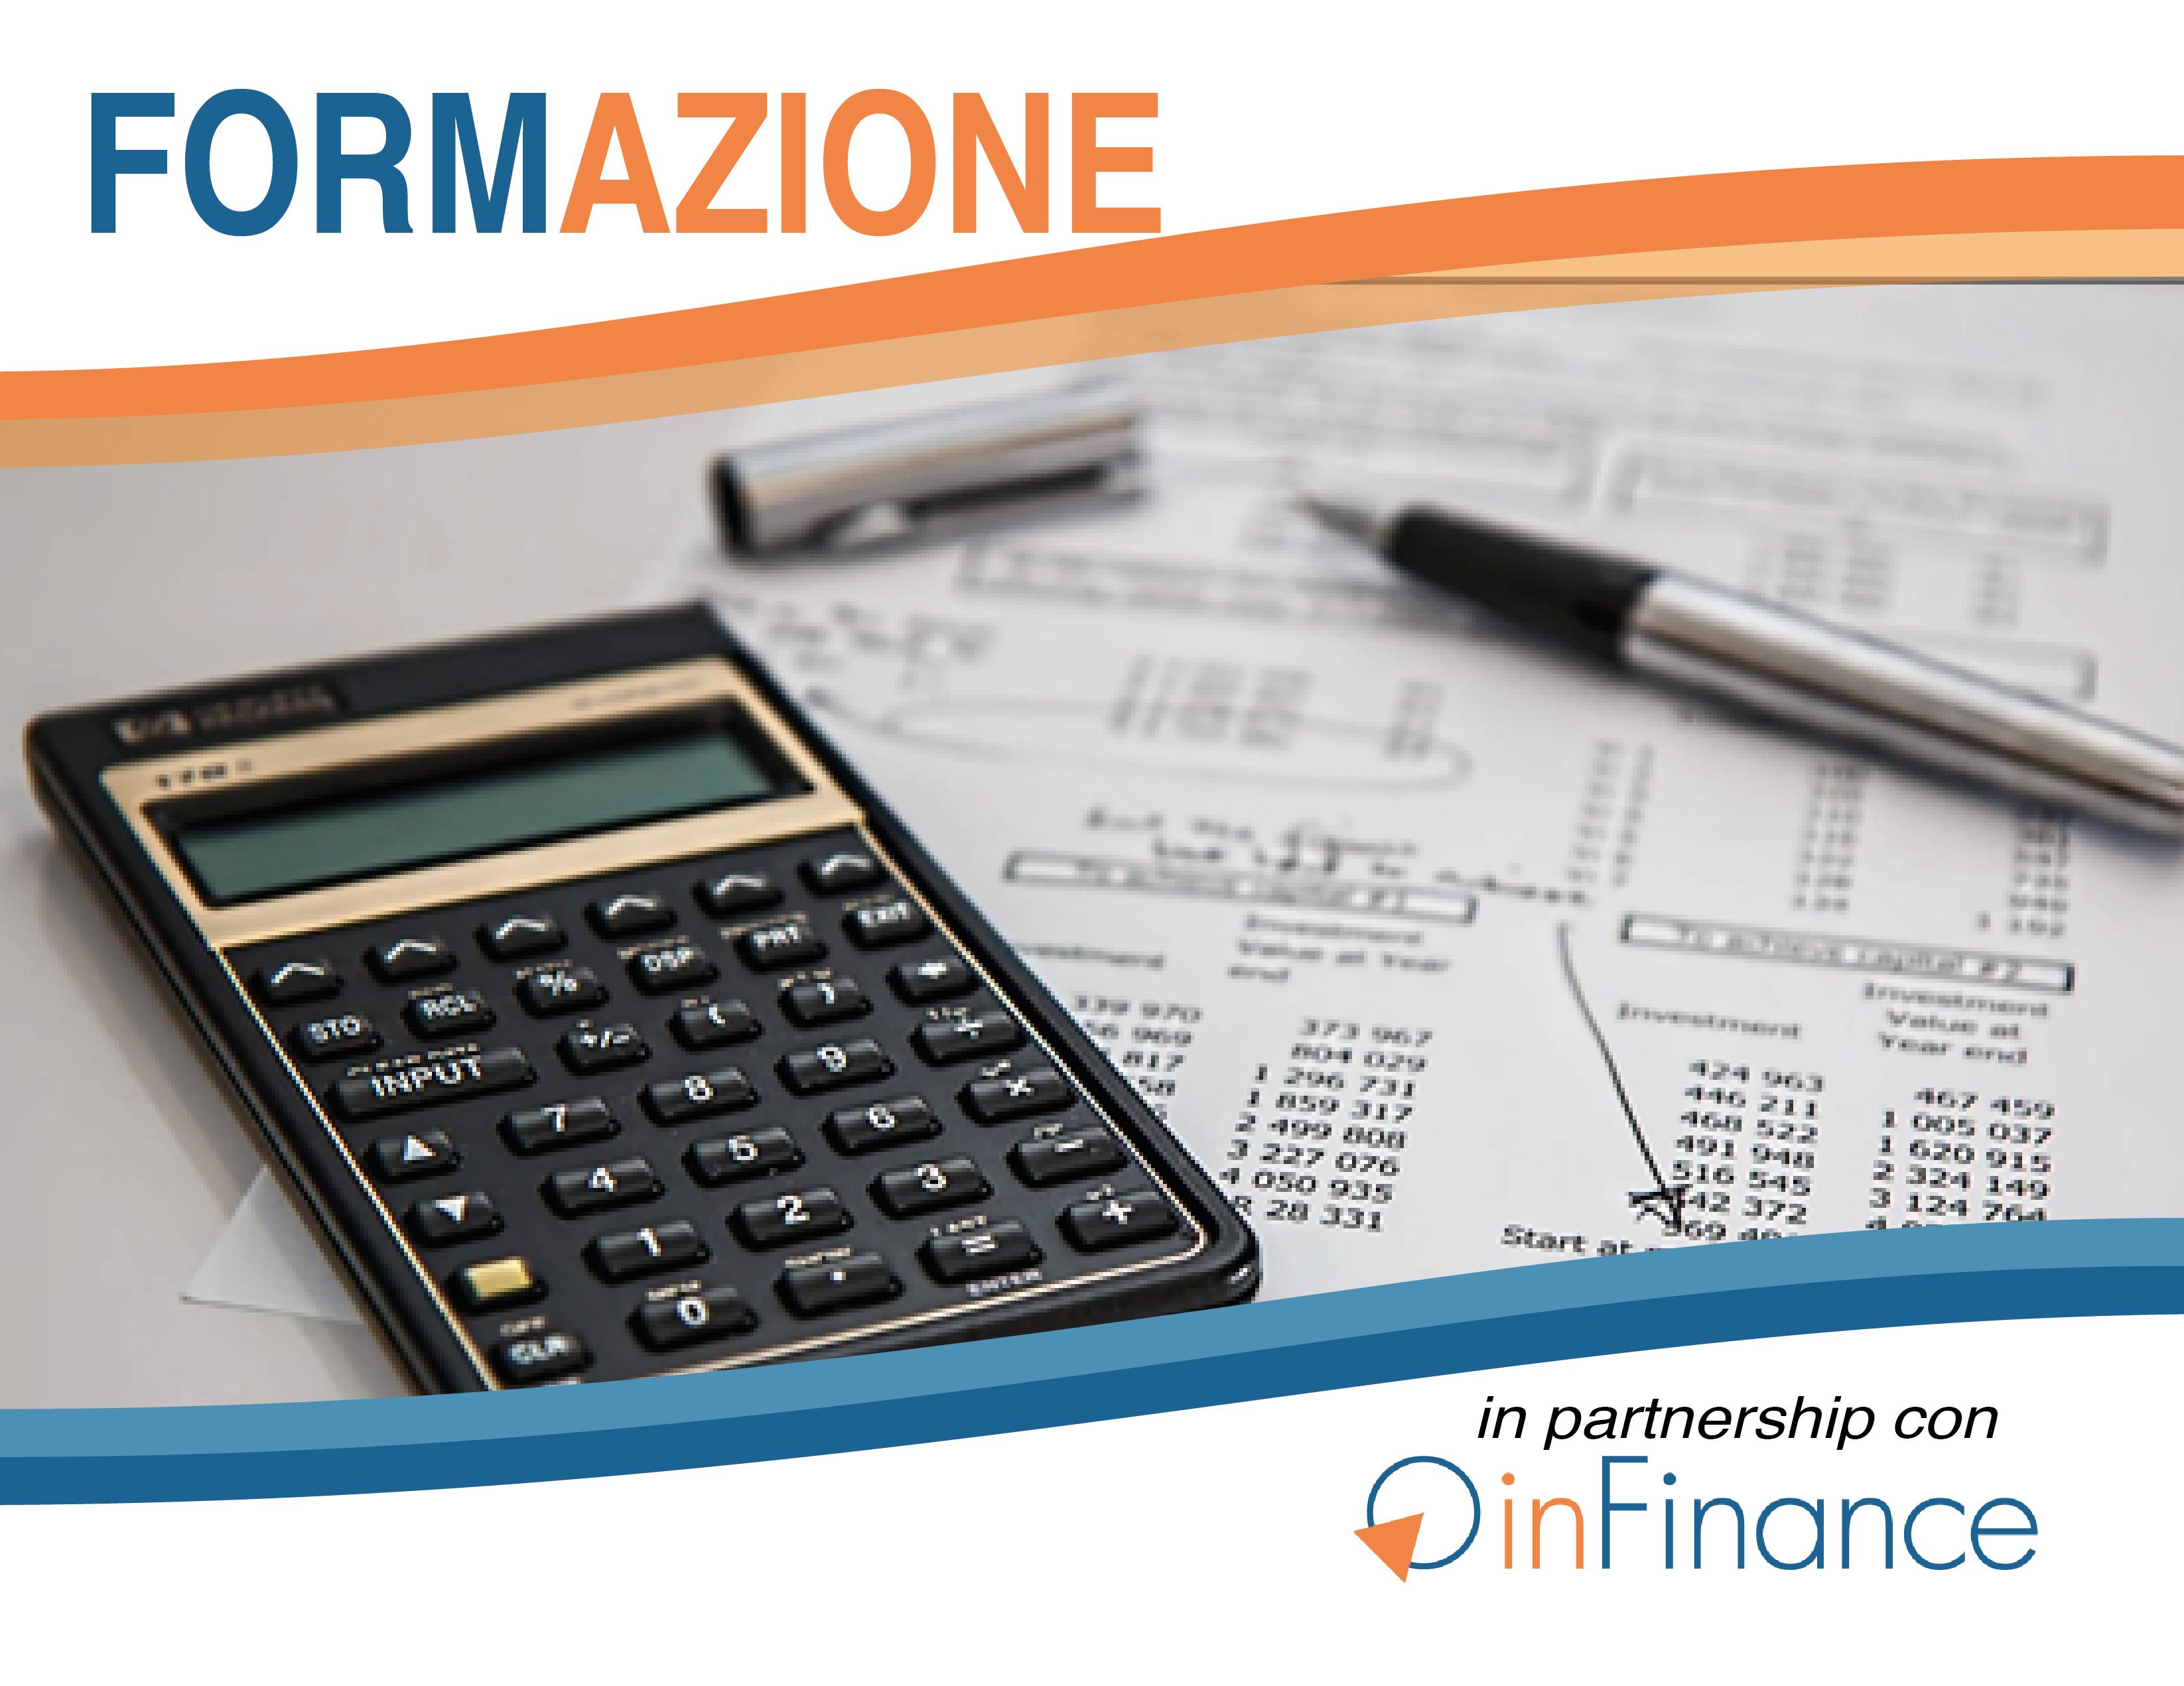 Corso inFinance in Sistema di Budgeting & Reporting